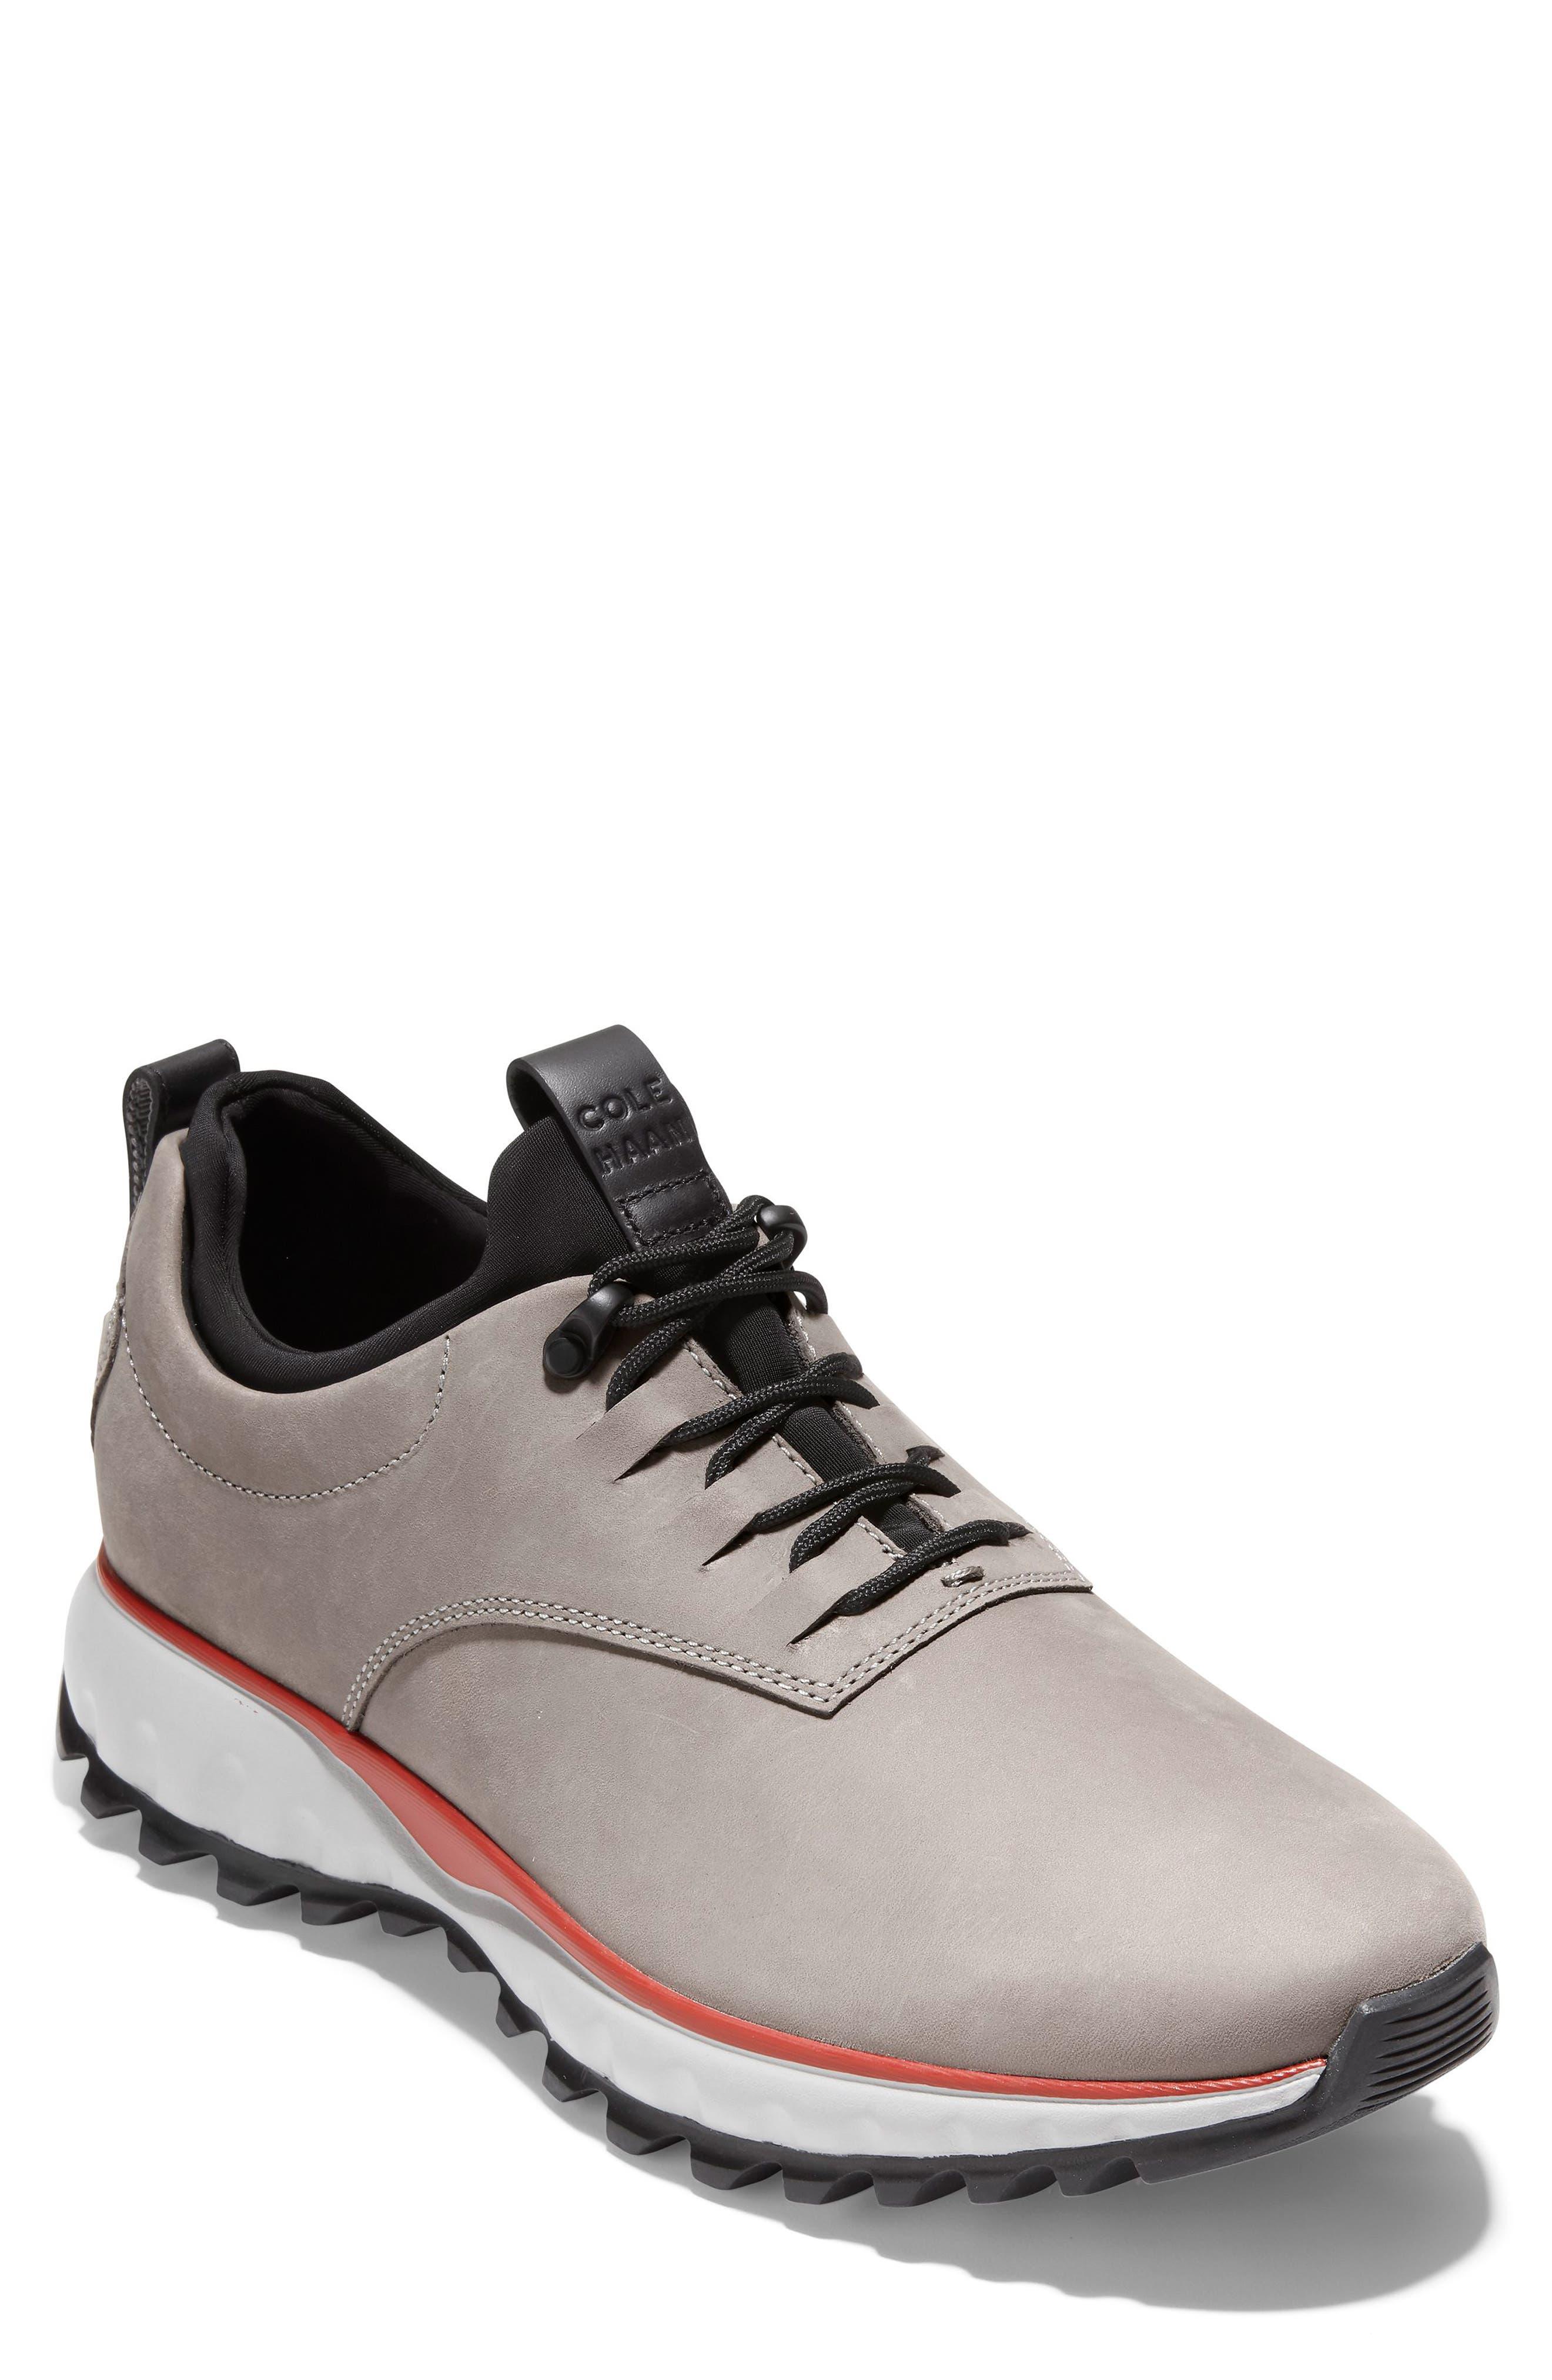 ZeroGrand Explore Sneaker,                             Main thumbnail 1, color,                             020